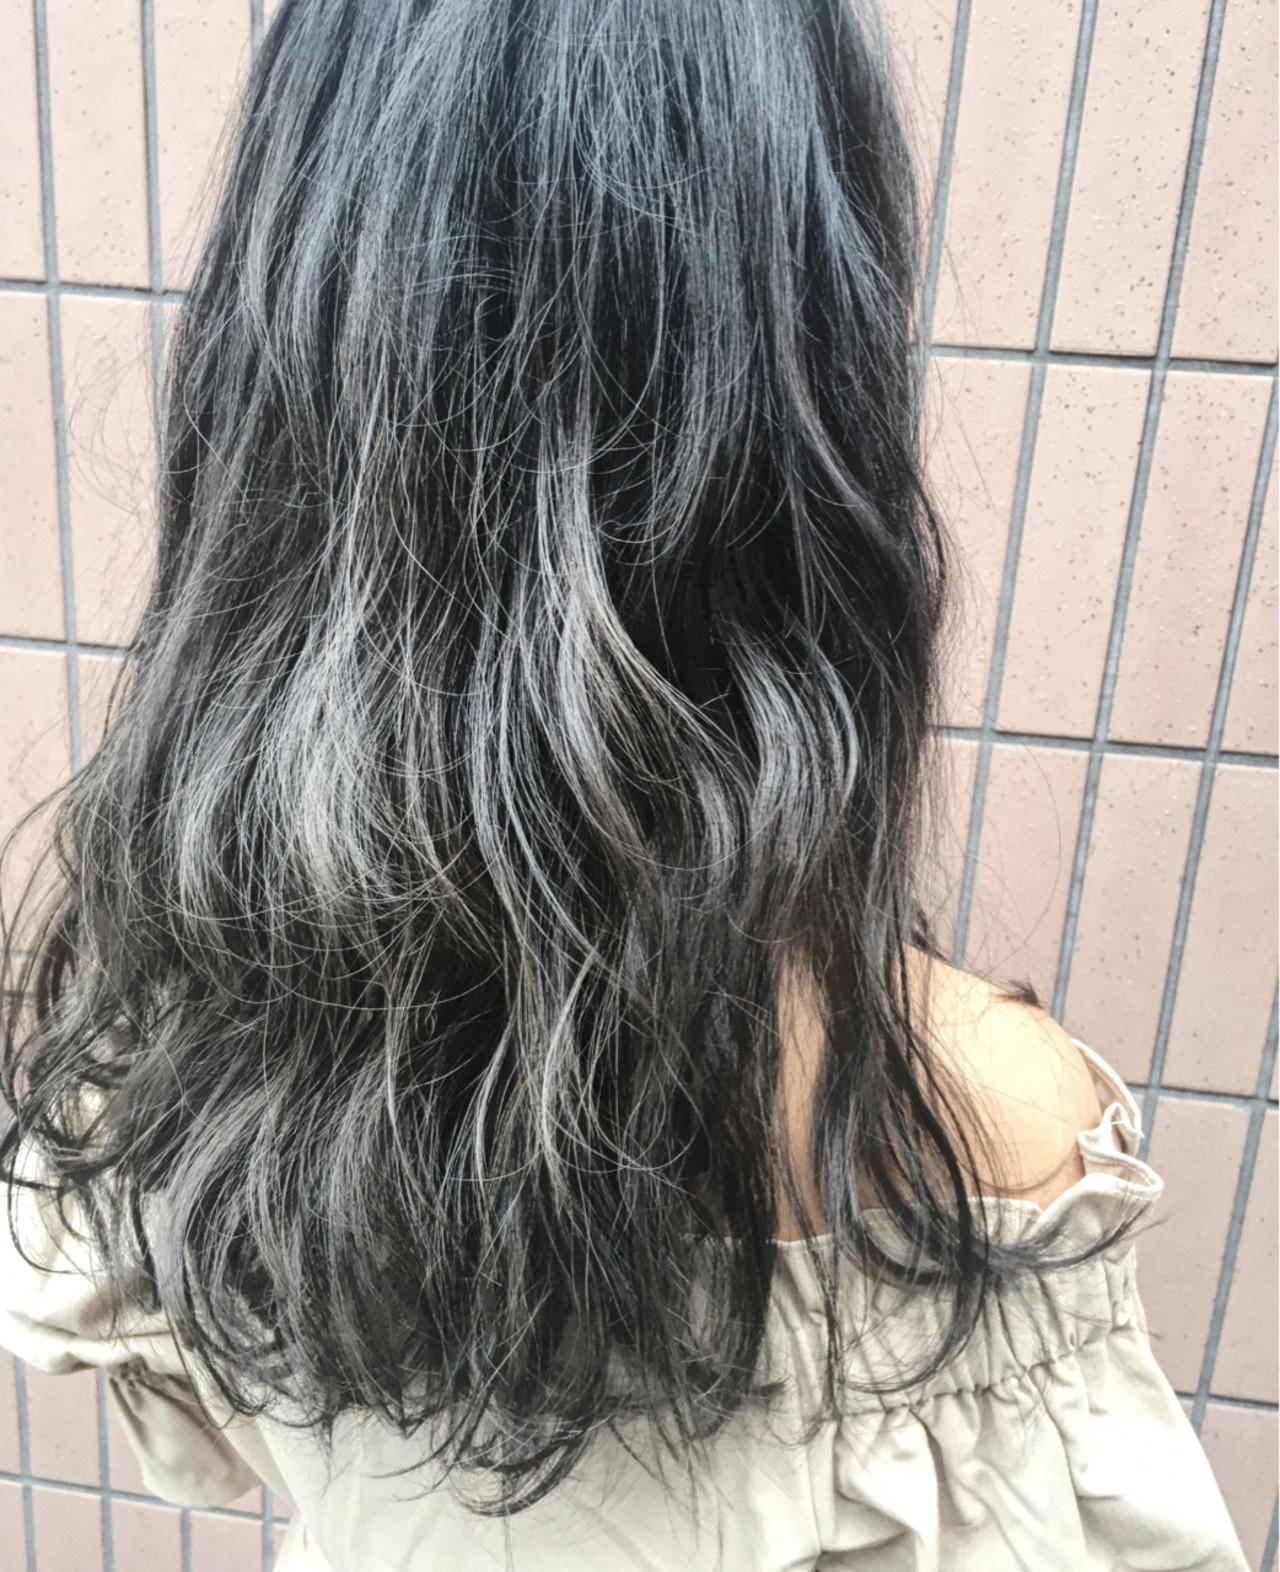 透明感 アッシュ 外国人風 ロング ヘアスタイルや髪型の写真・画像